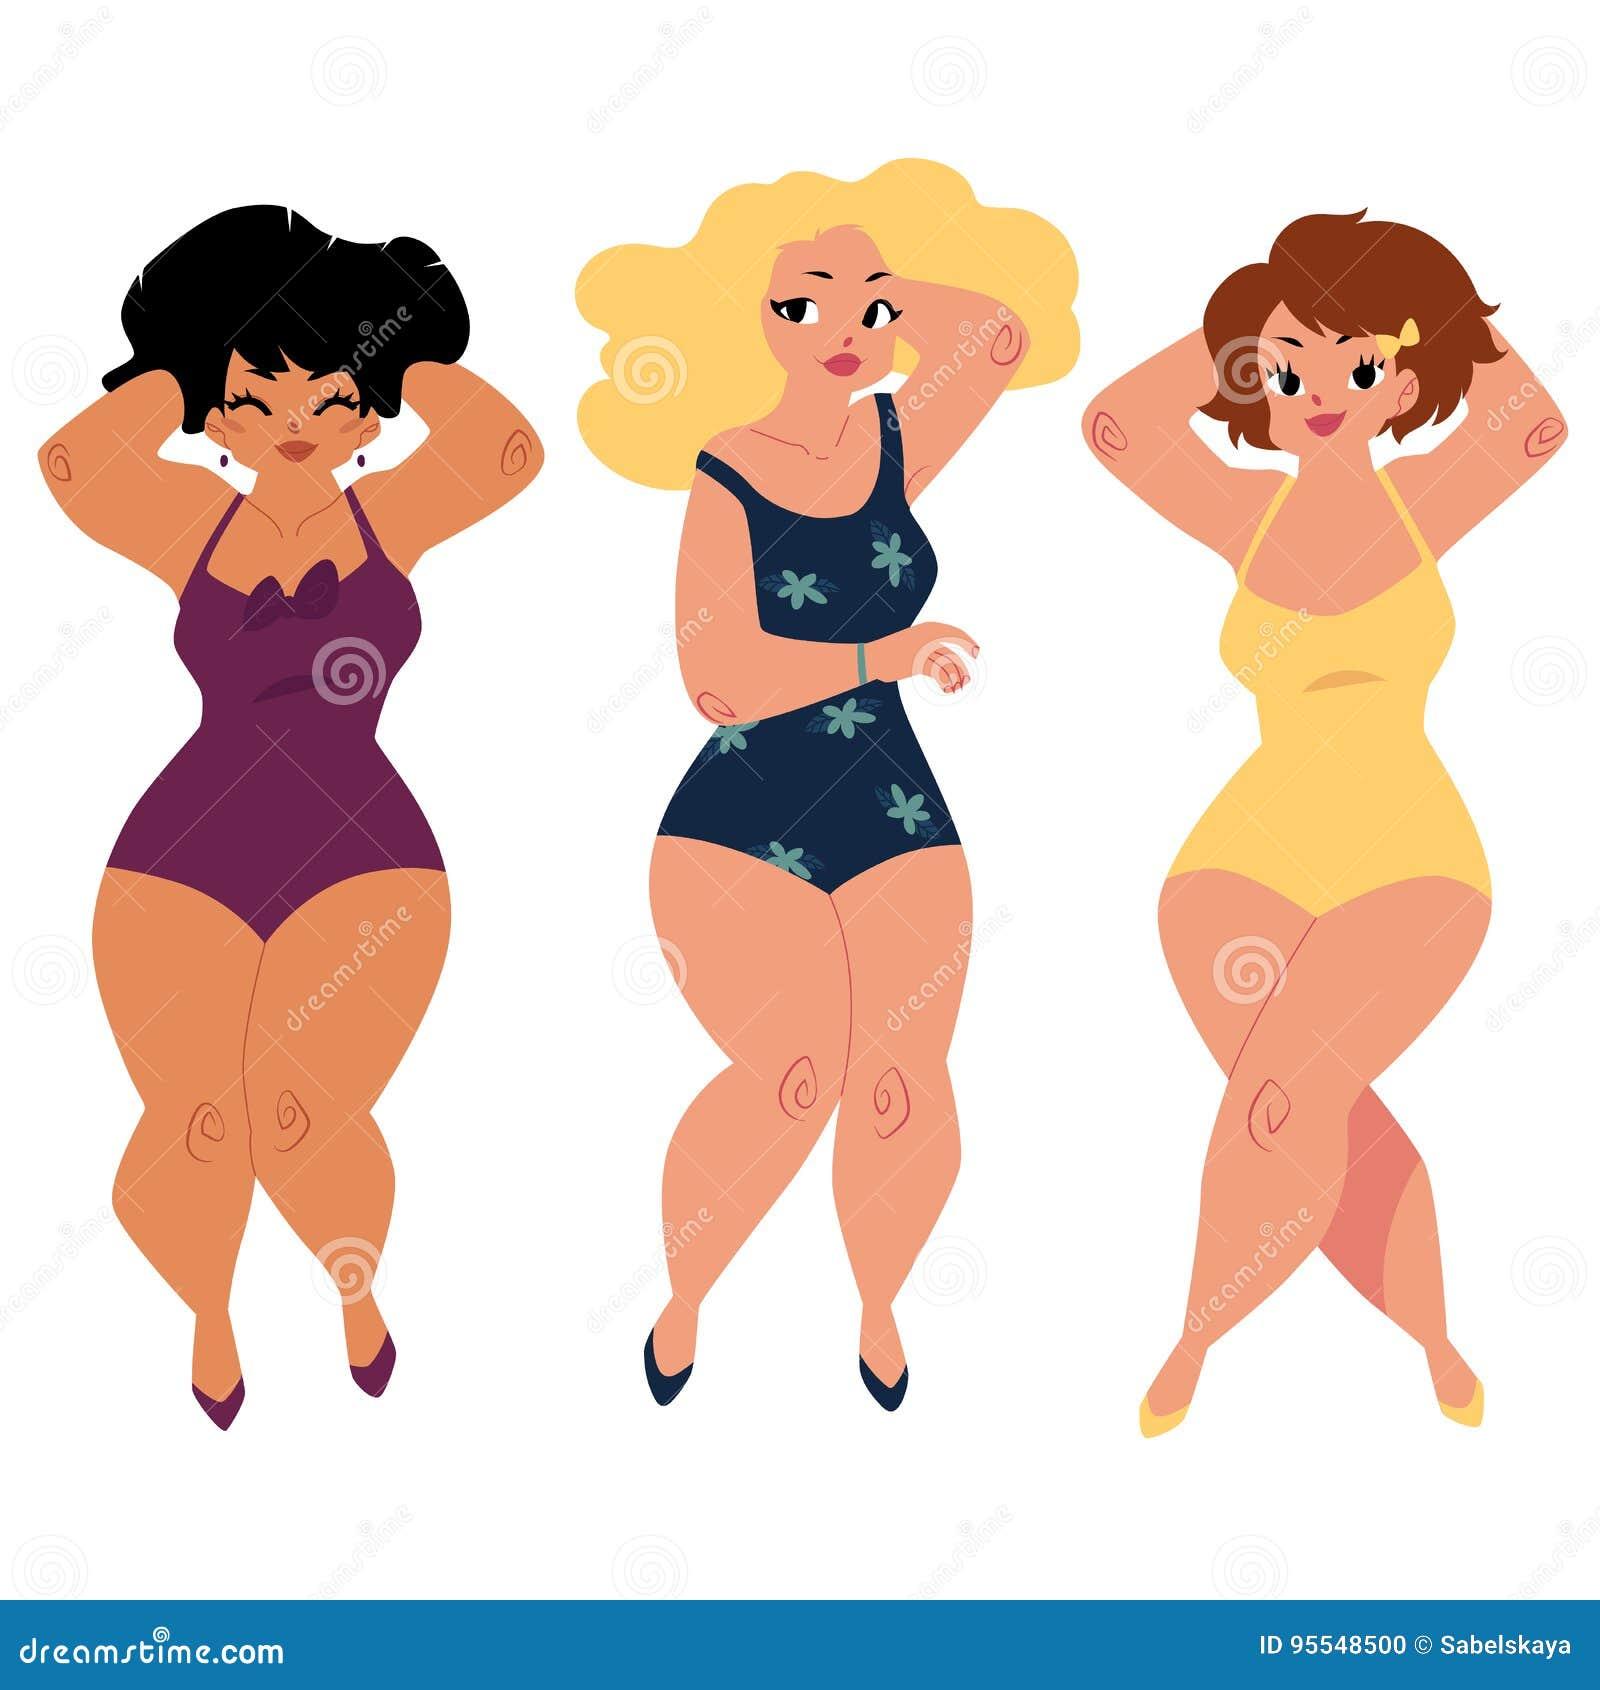 Les femmes dodues et sinueuses, filles, plus la taille modèle dans des costumes de natation